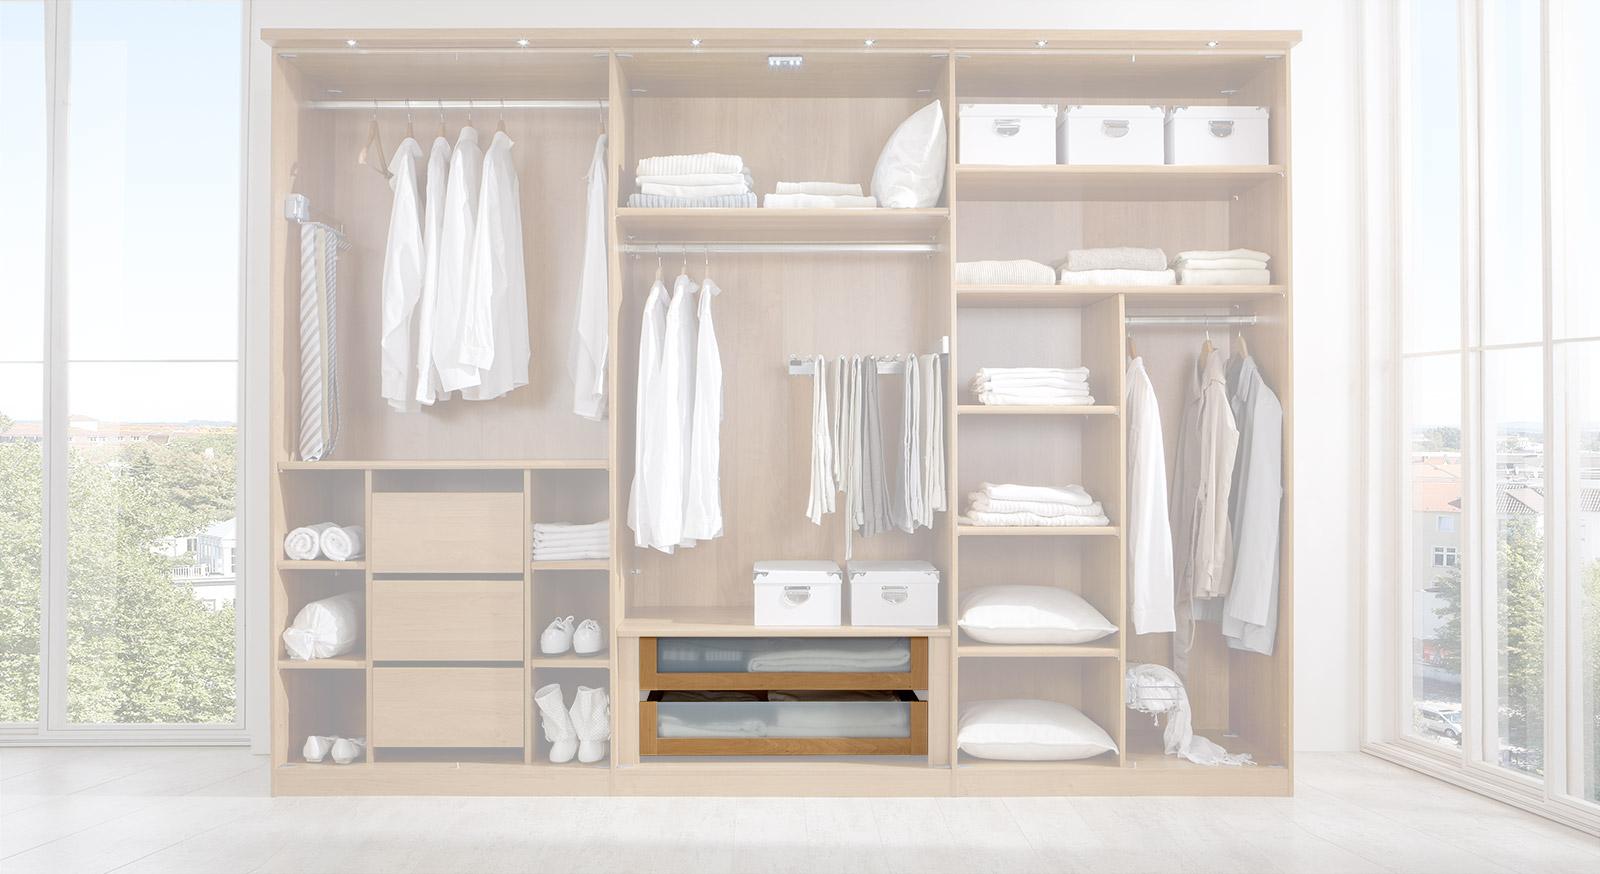 Schubladen-Einsatz der Innenausstattung für Kleiderschränke, mit Glasfront